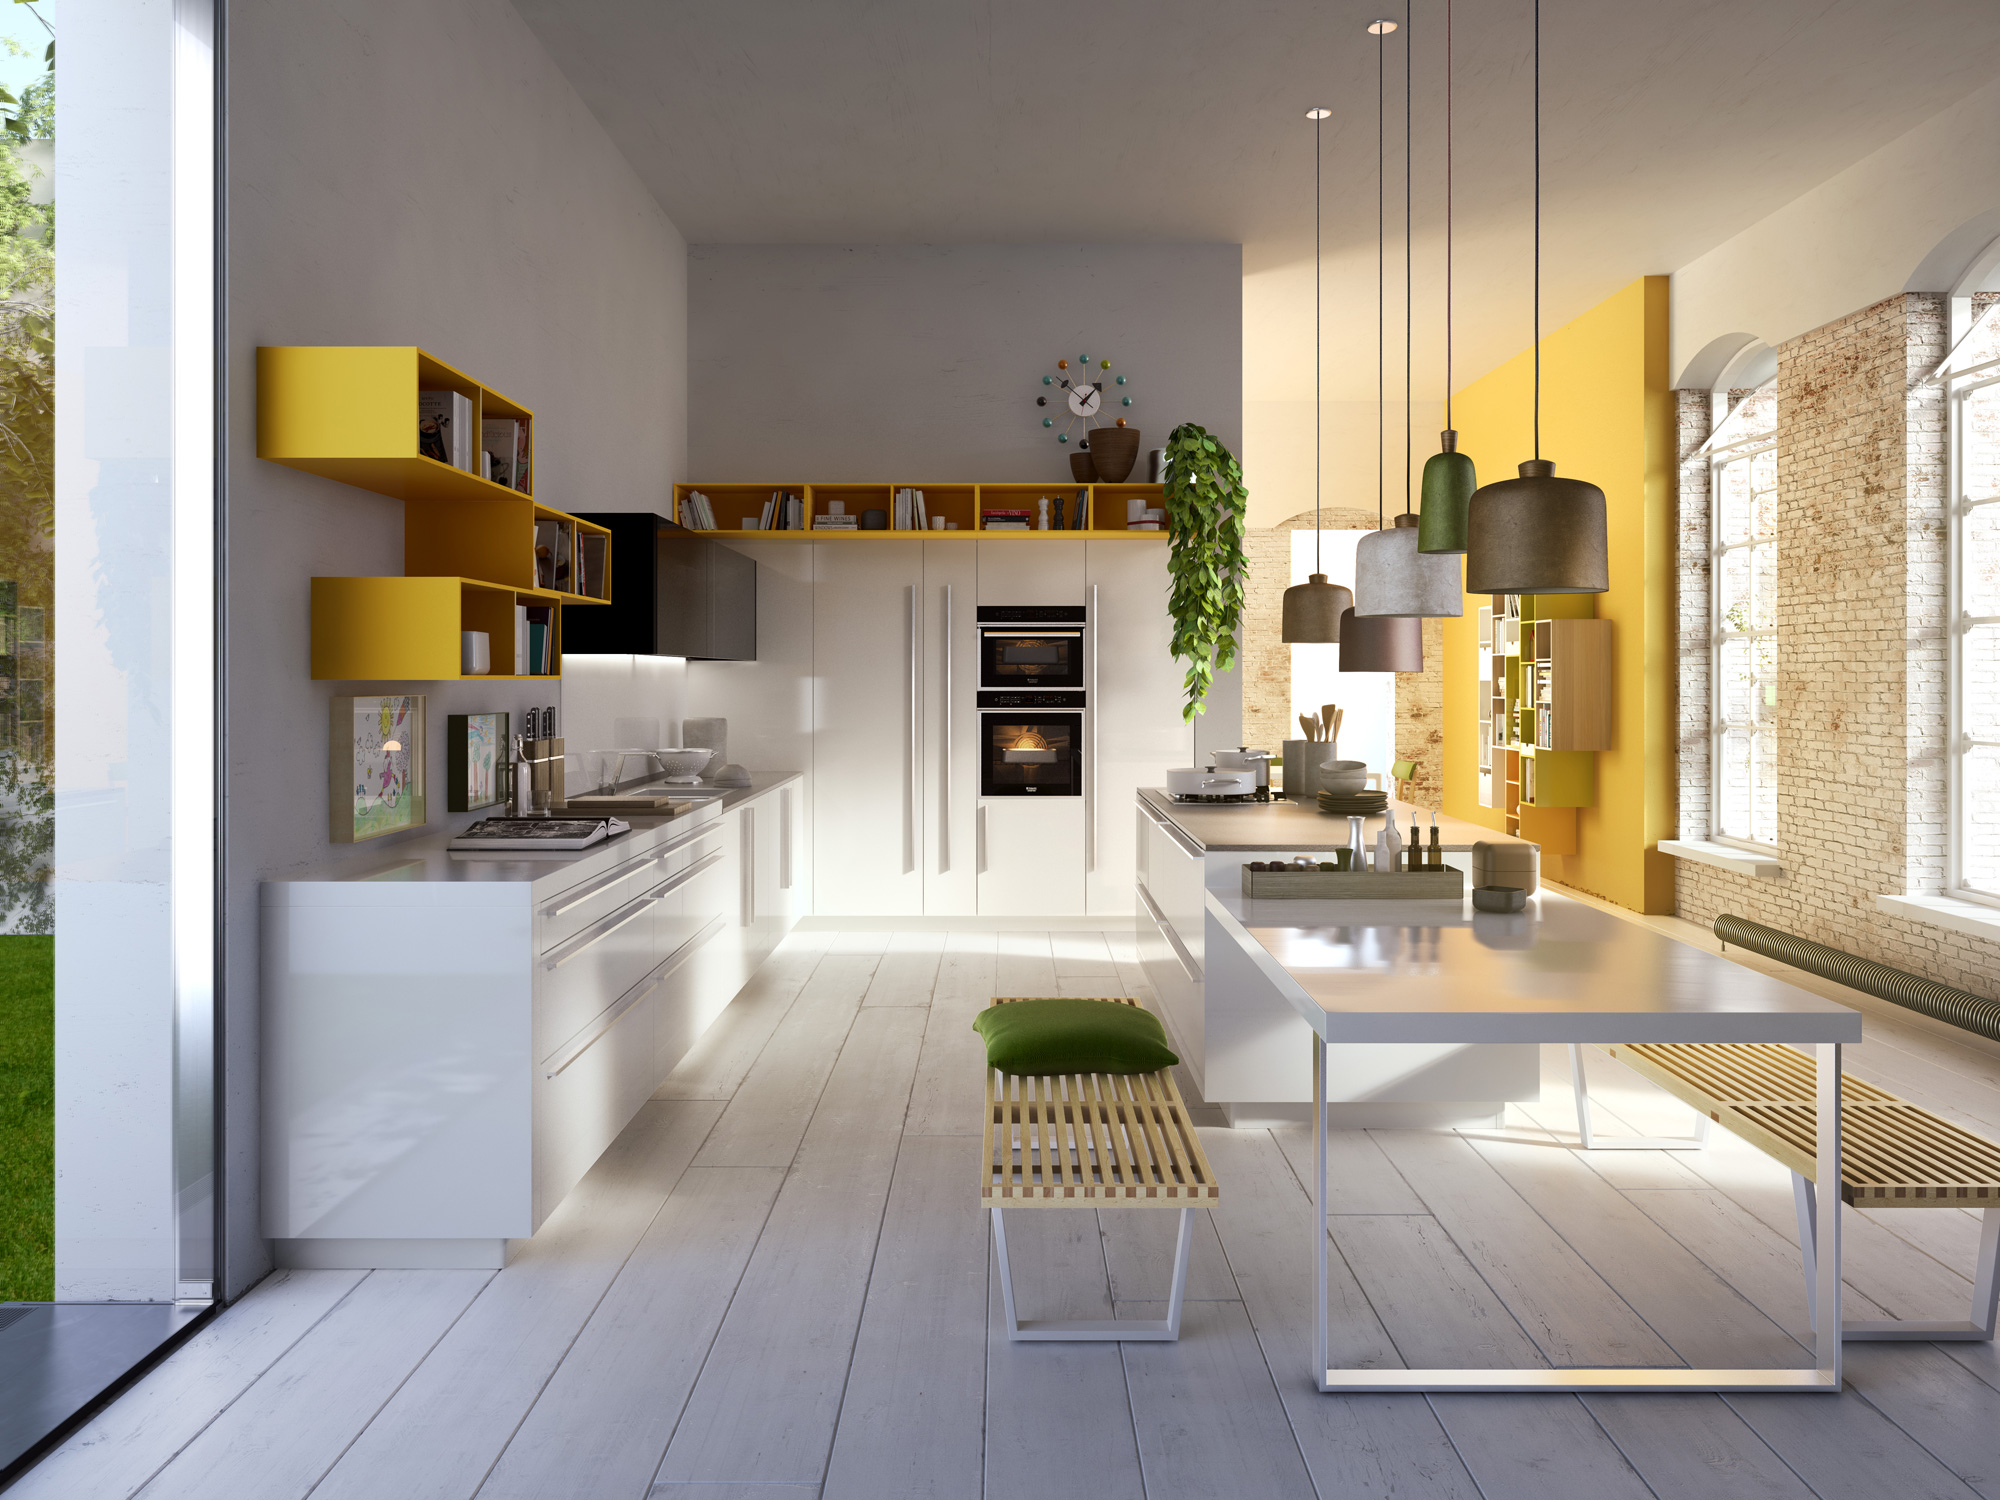 modern-italian-kitchens-from-snaidero-17